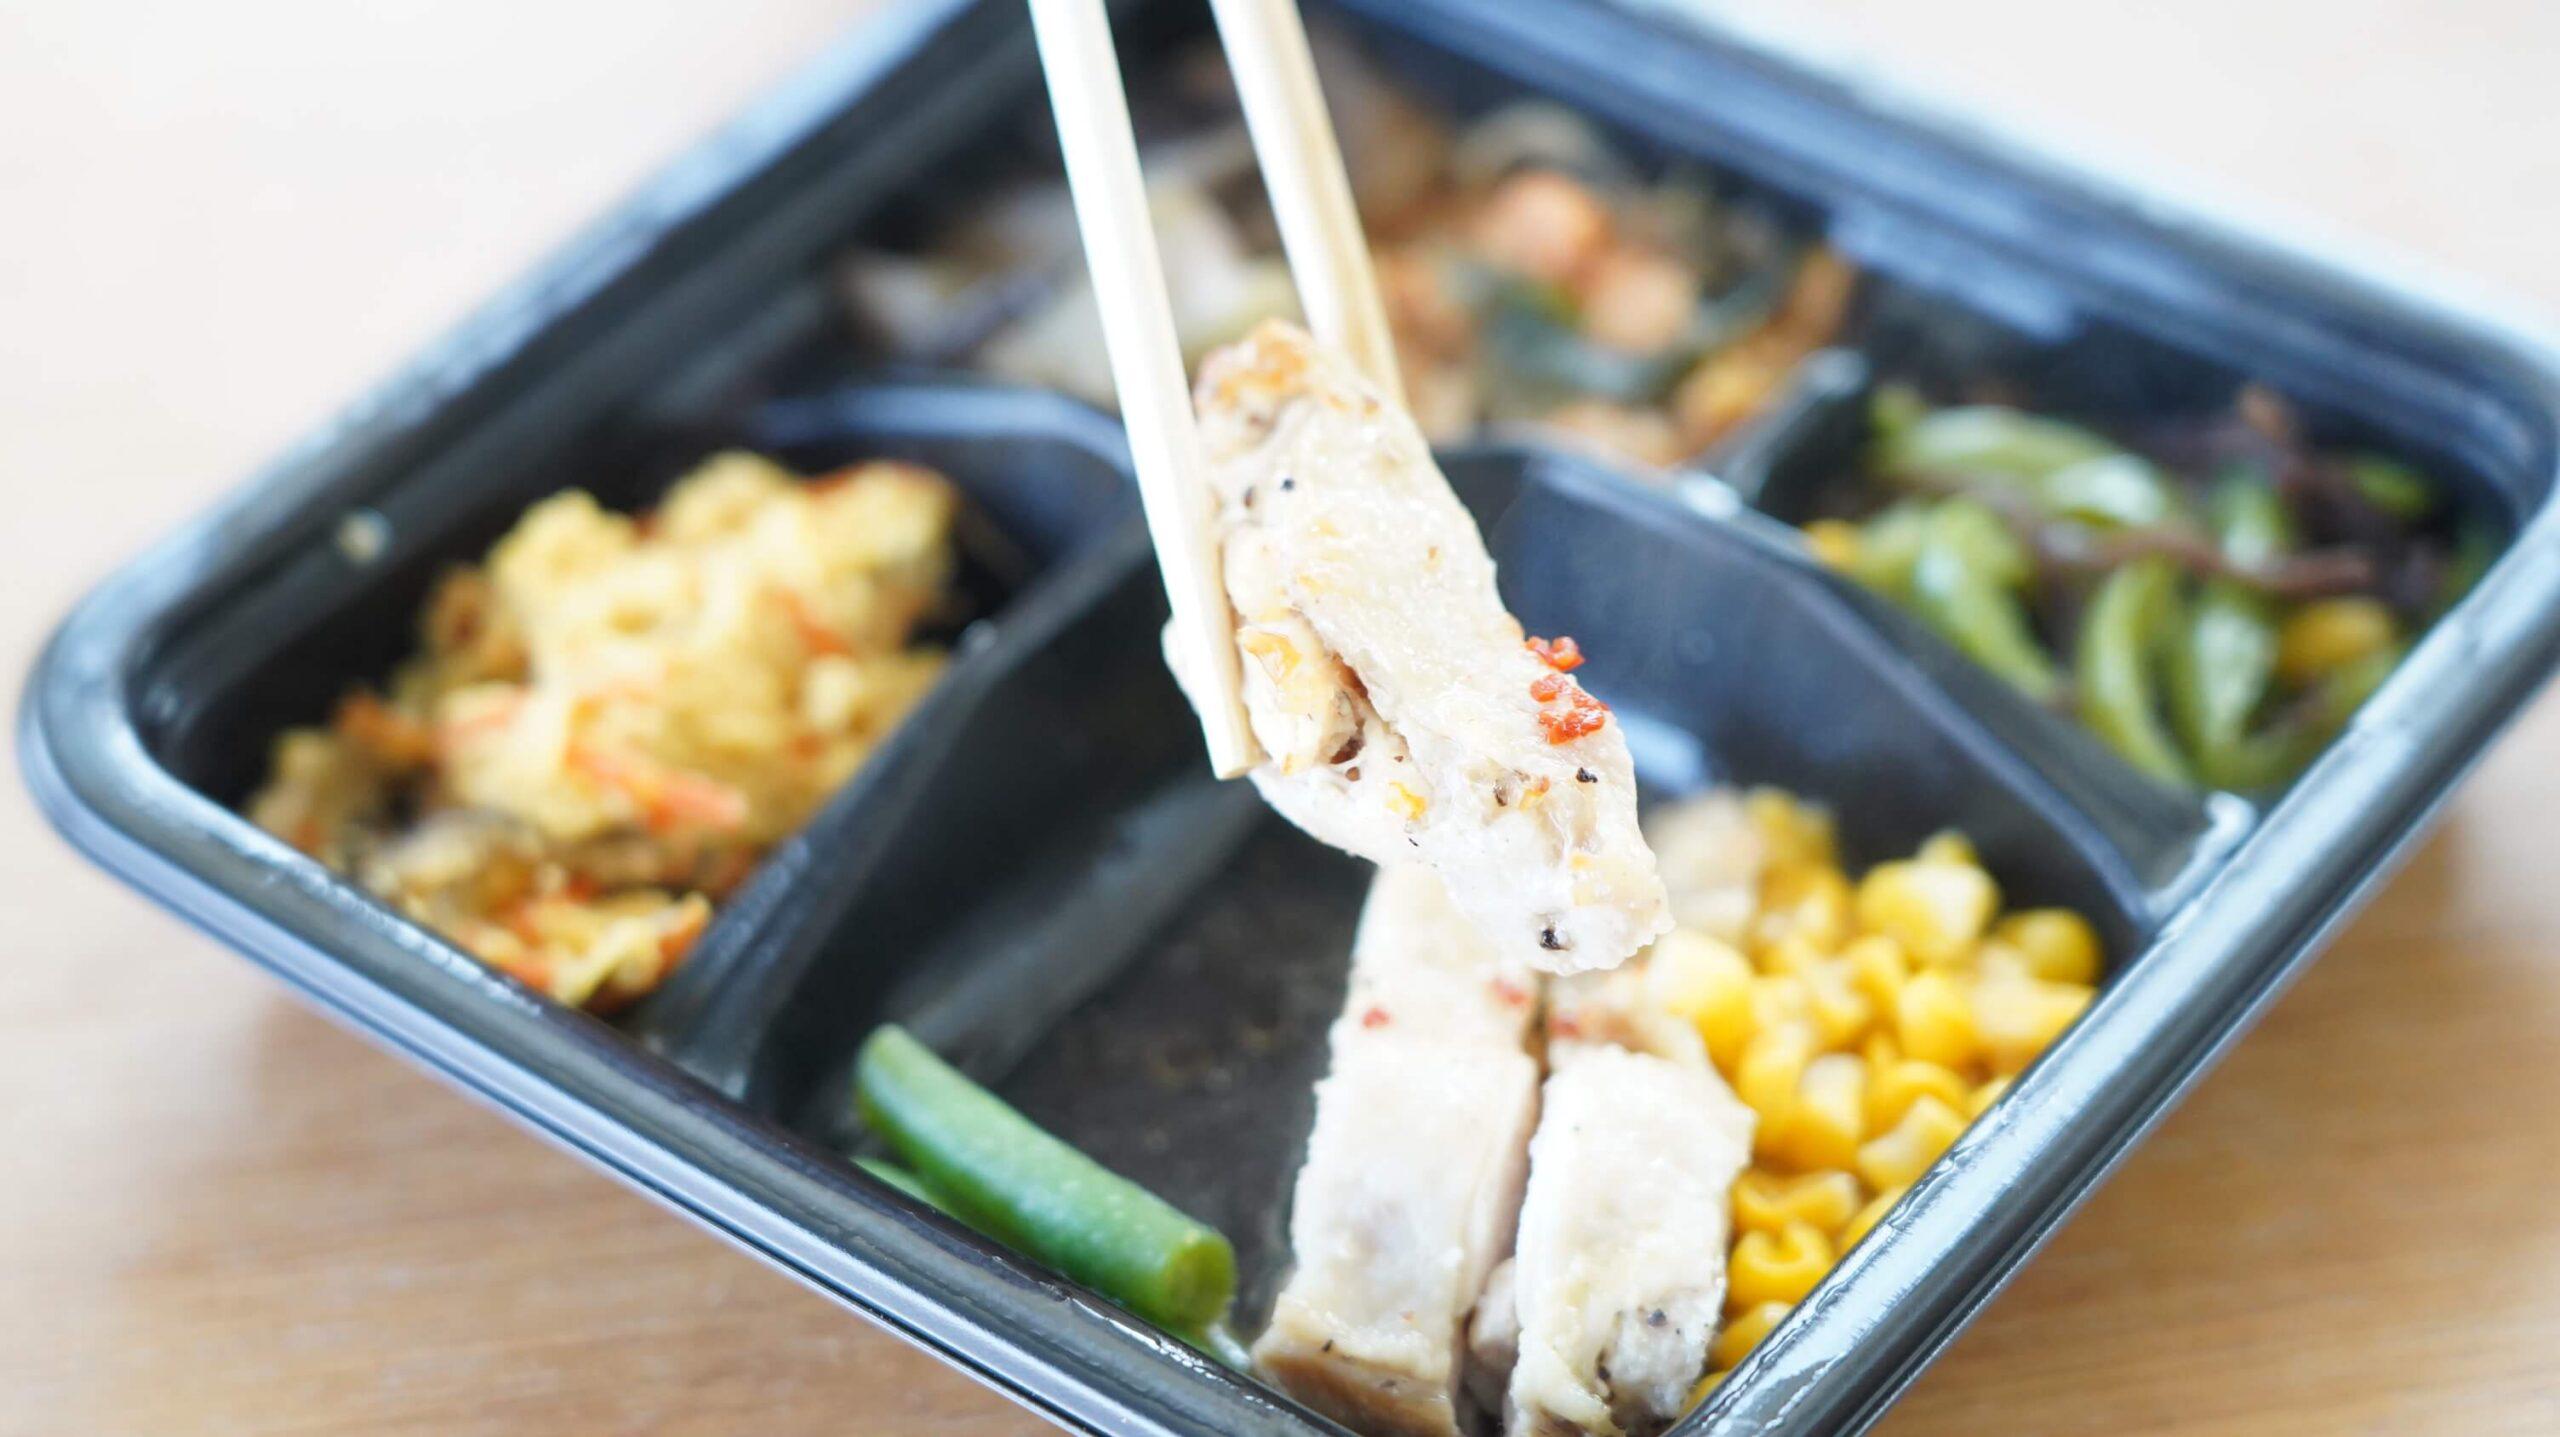 ライザップのサポートミール「鶏肉のエスニック焼き」の「鶏肉のエスニック焼き」を箸でつまんだ写真